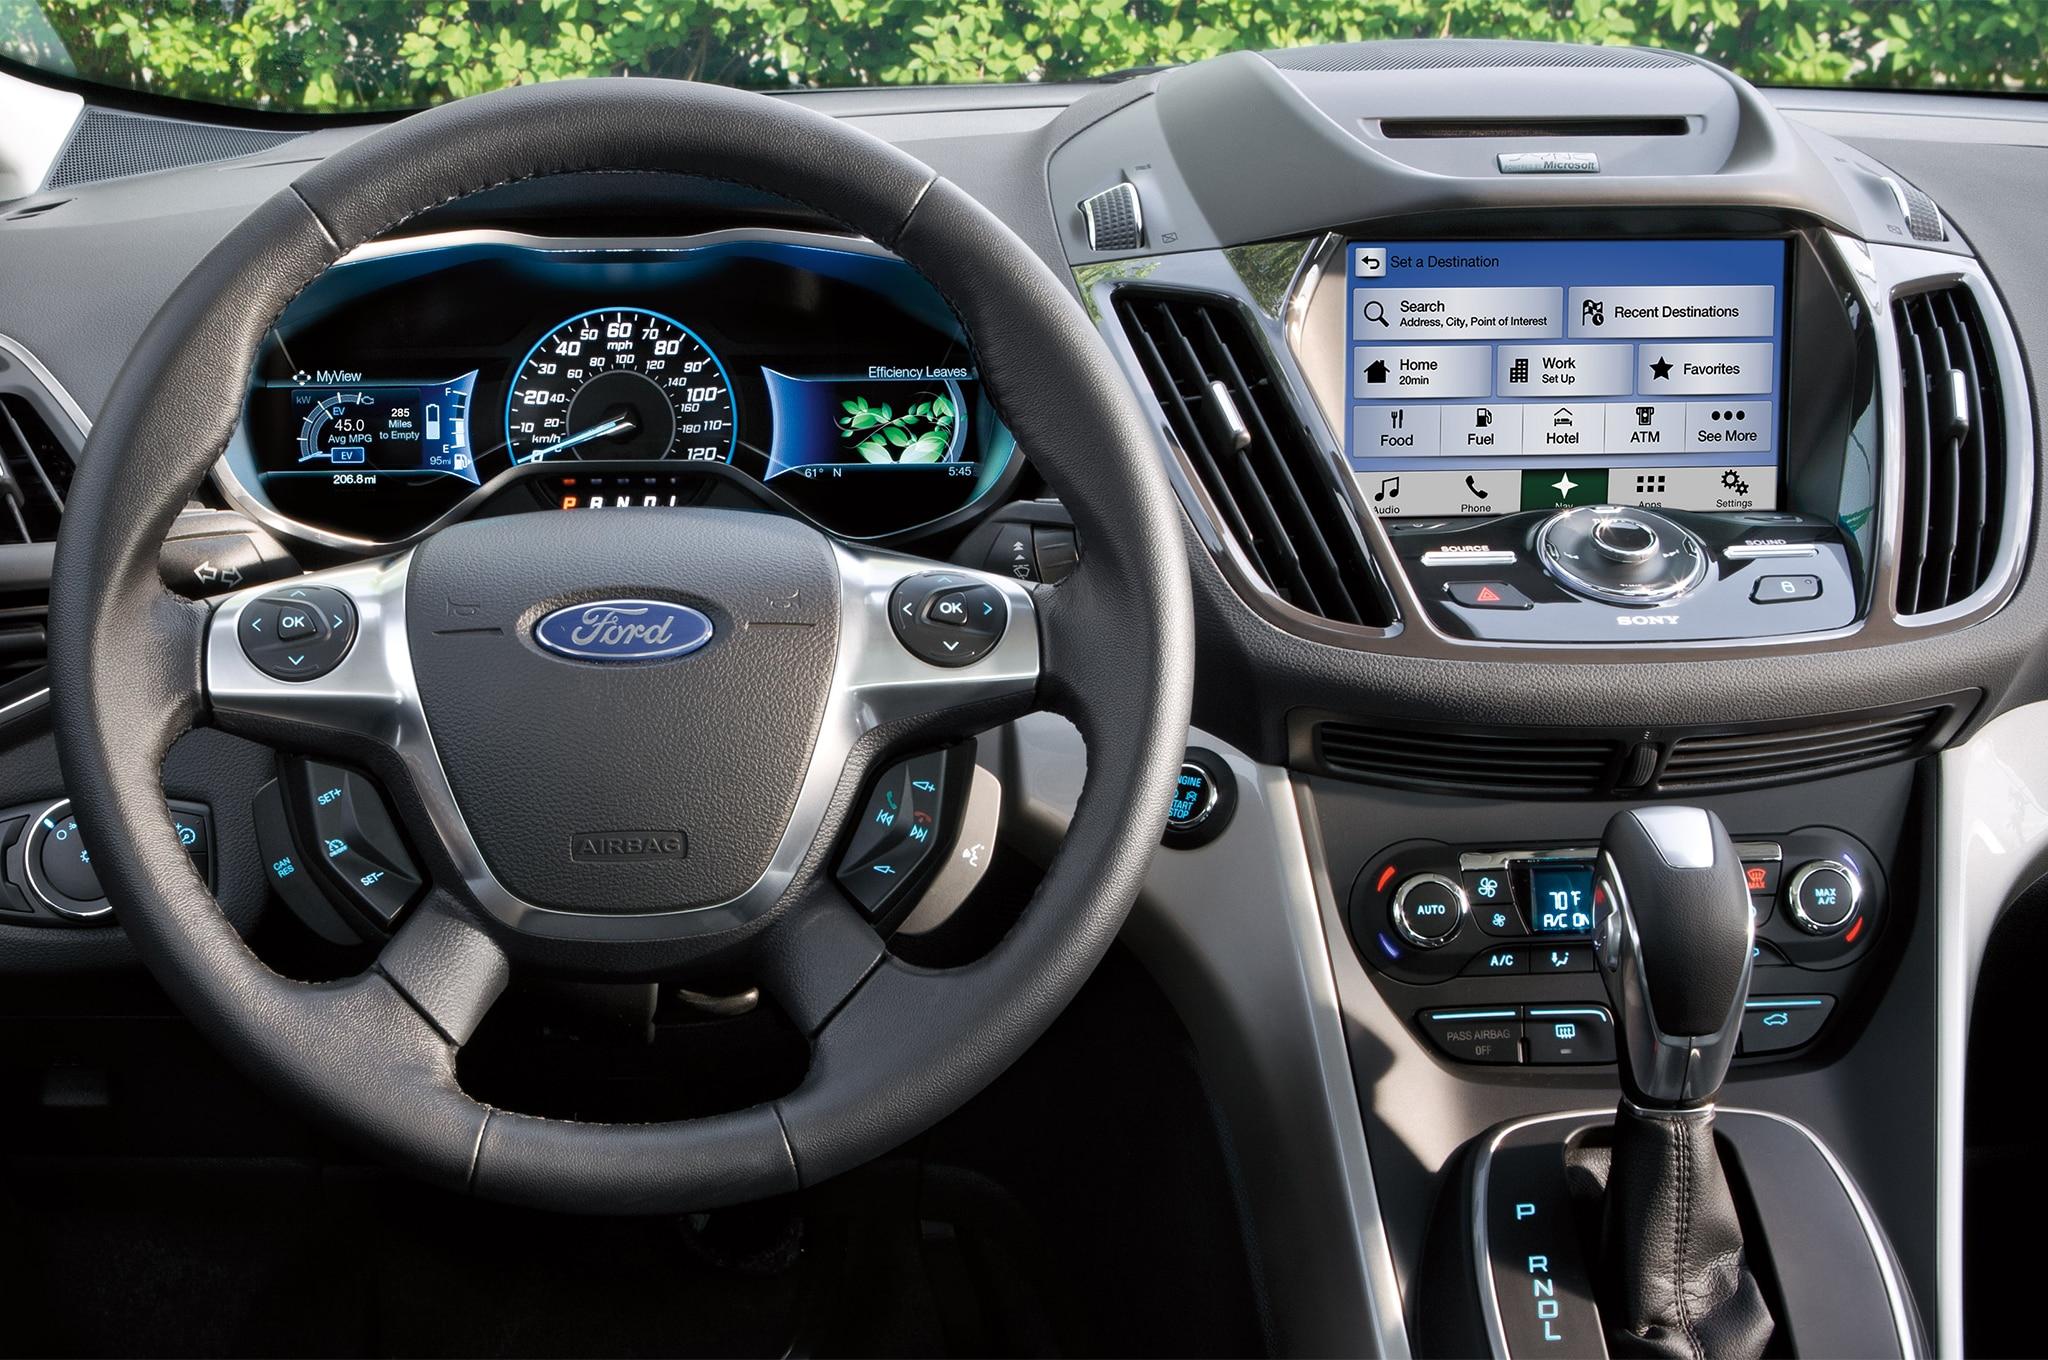 2017 Ford C Max Hybrid Interior 7 Diciembre 2016